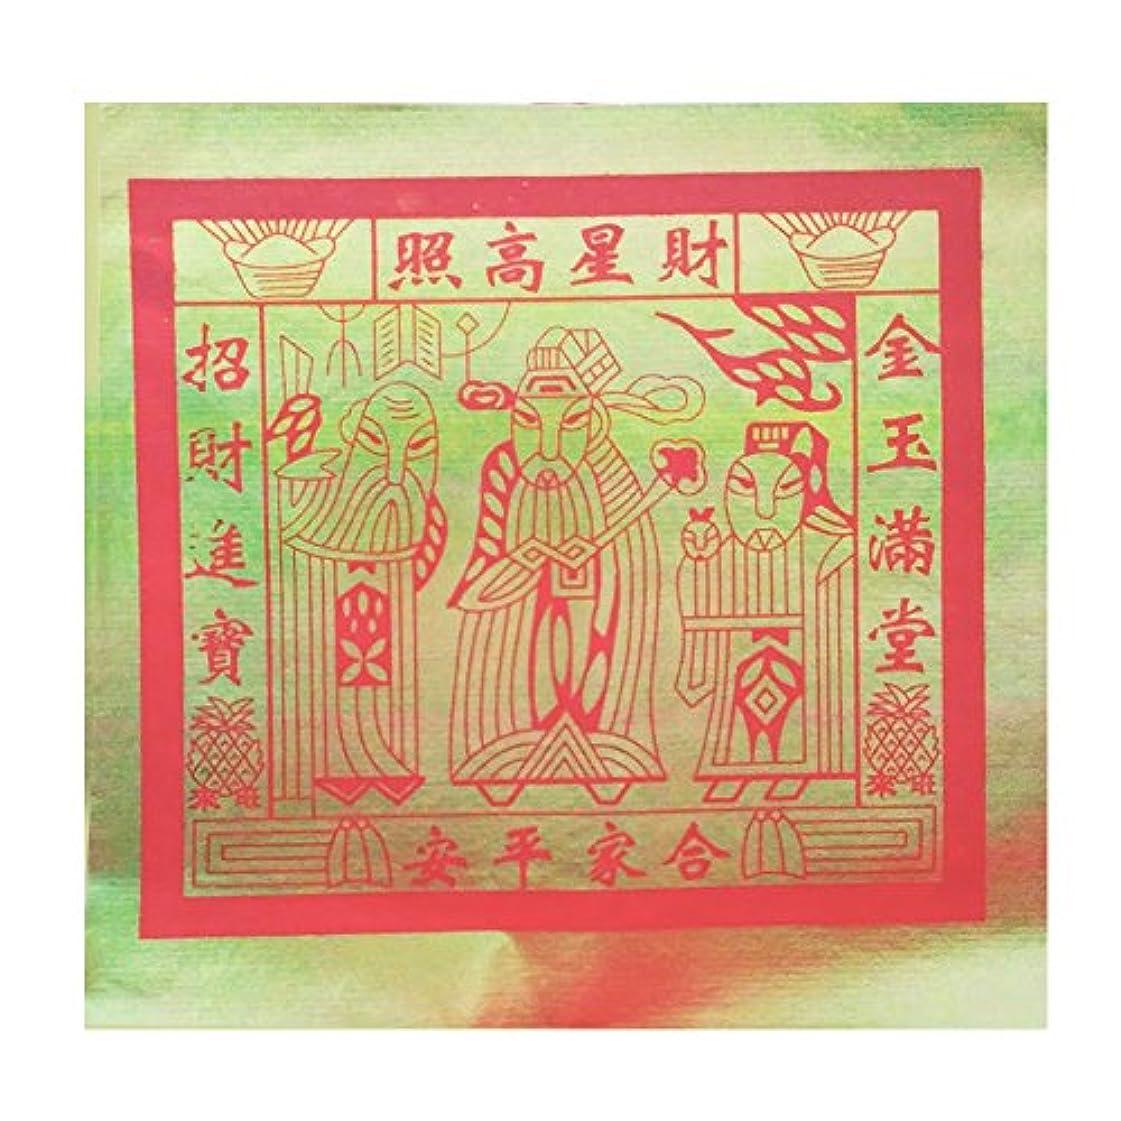 食品化学薬品意図する100個Incense用紙/ Joss用紙with High Gradeフルゴールド箔サイズ中10.75インチx 10.4インチ